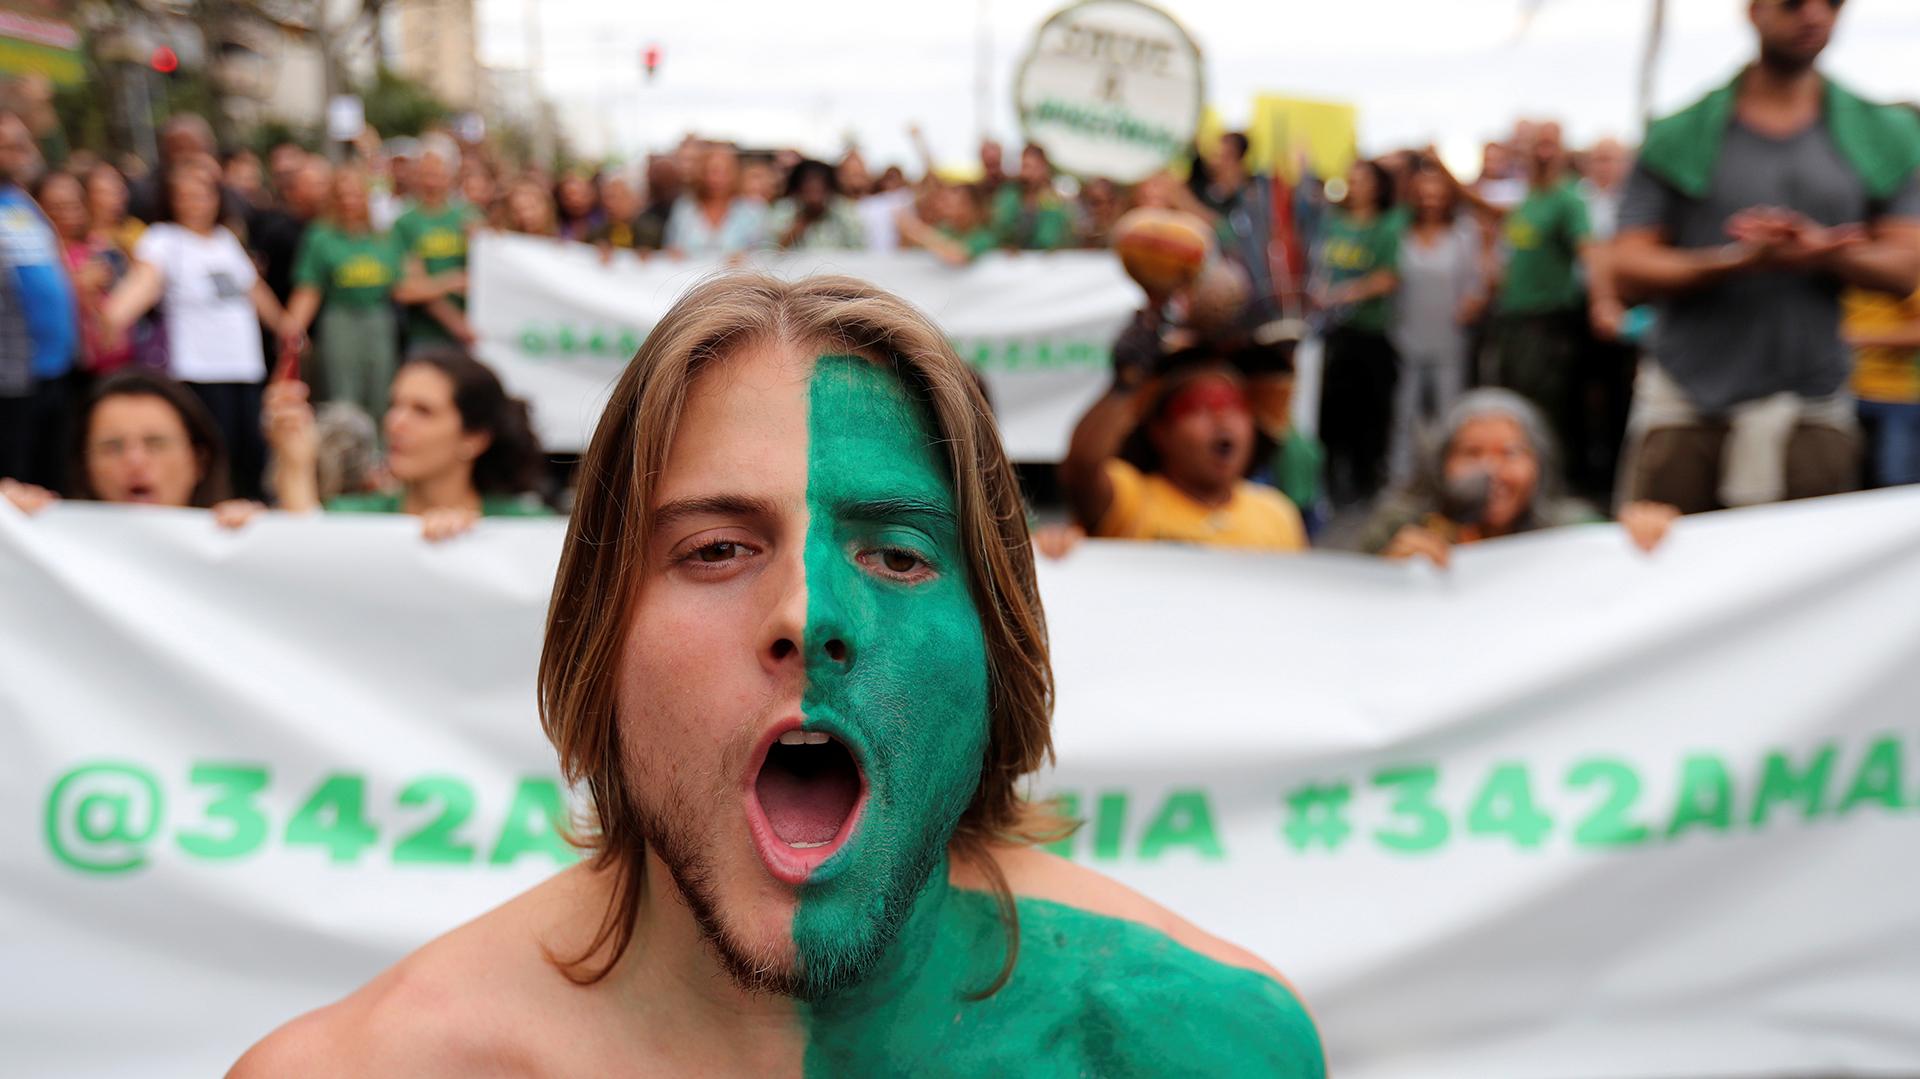 Un hombre asiste a una manifestación para exigir más protección para la selva amazónica, en Río de Janeiro, Brasil, 25 de agosto de 2019. REUTERS / Sergio Moraes